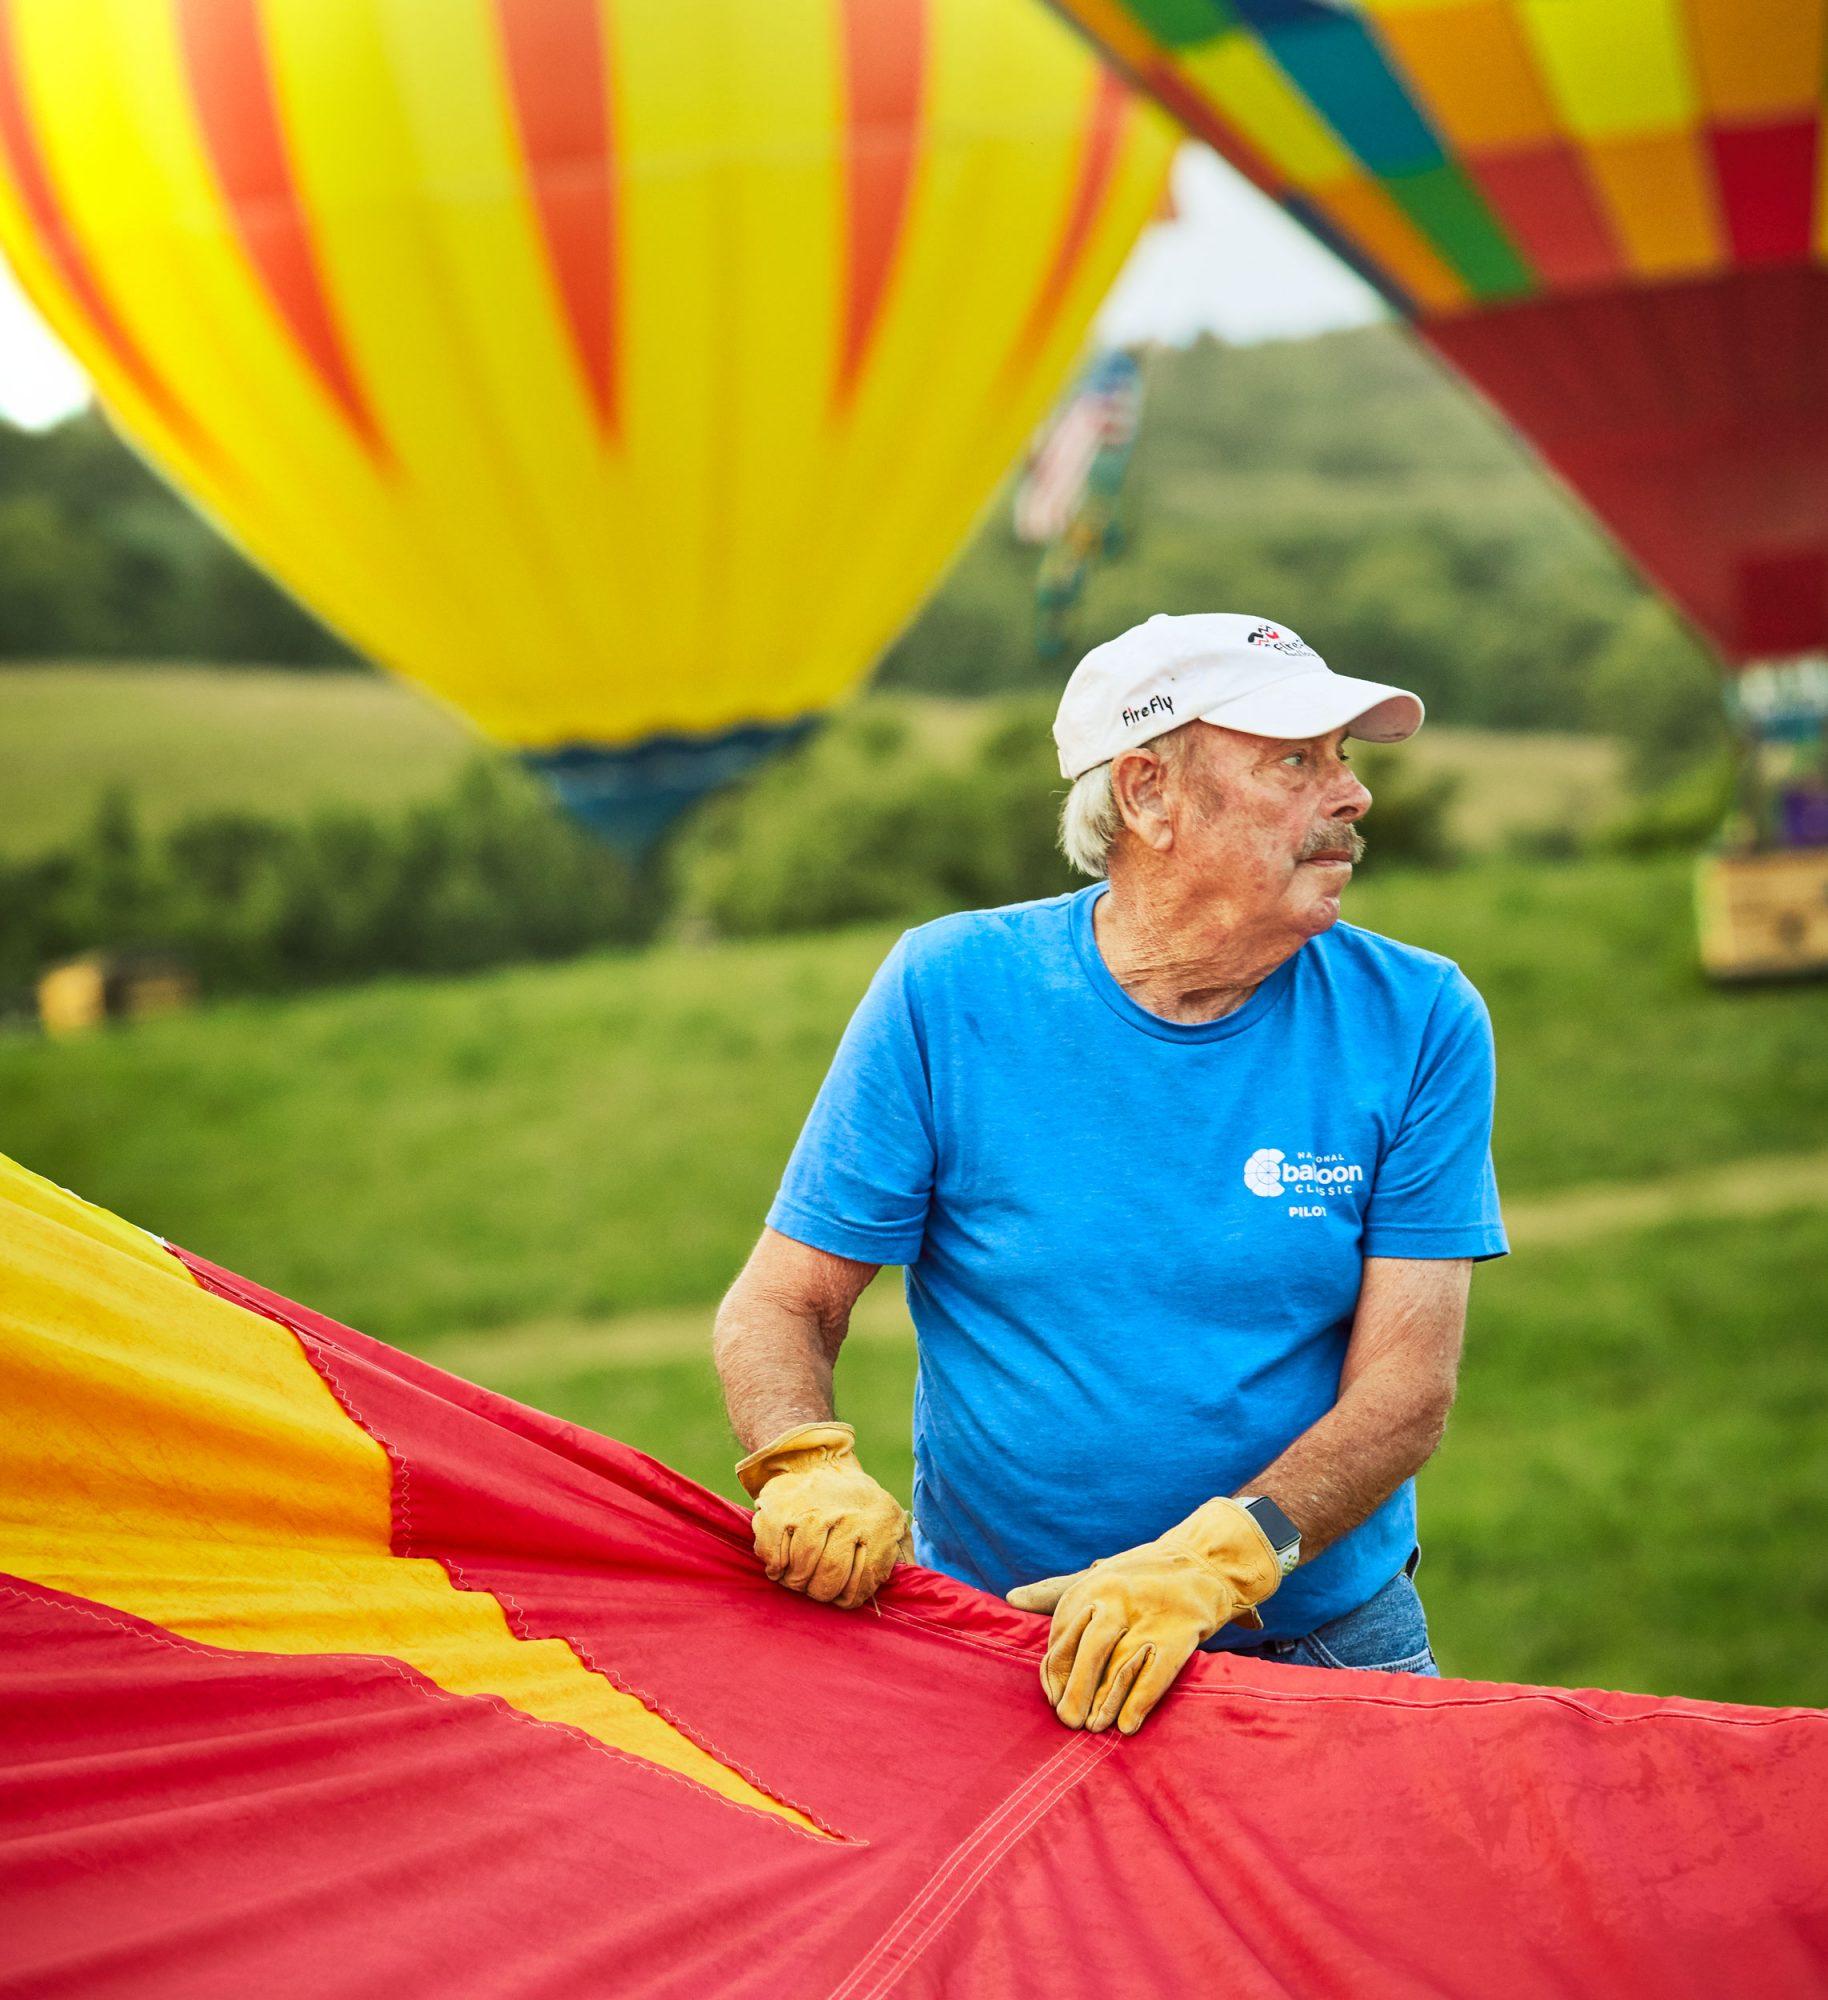 Rob Bartholomew at Indianola National Balloon Classic